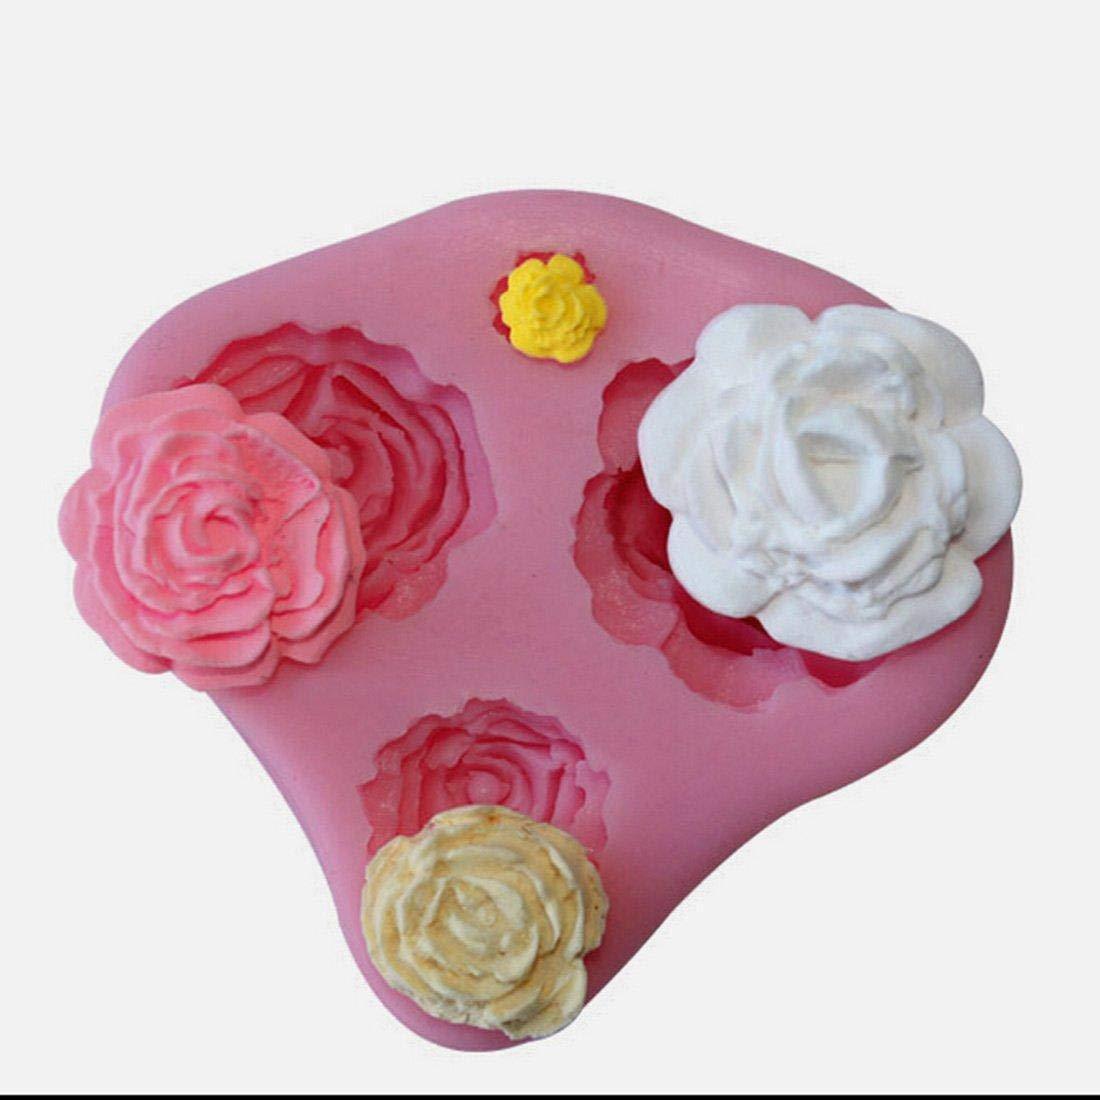 Depory 4 Troqueles con Forma de Color al Azar Tama?o de Rosas de Flores May/¨/²sculas y Molde de Silicona para Pasta de AZ/¨/²Car de decoraci/¨/®n para Tartas con Forma de Clase de eficiencia energ